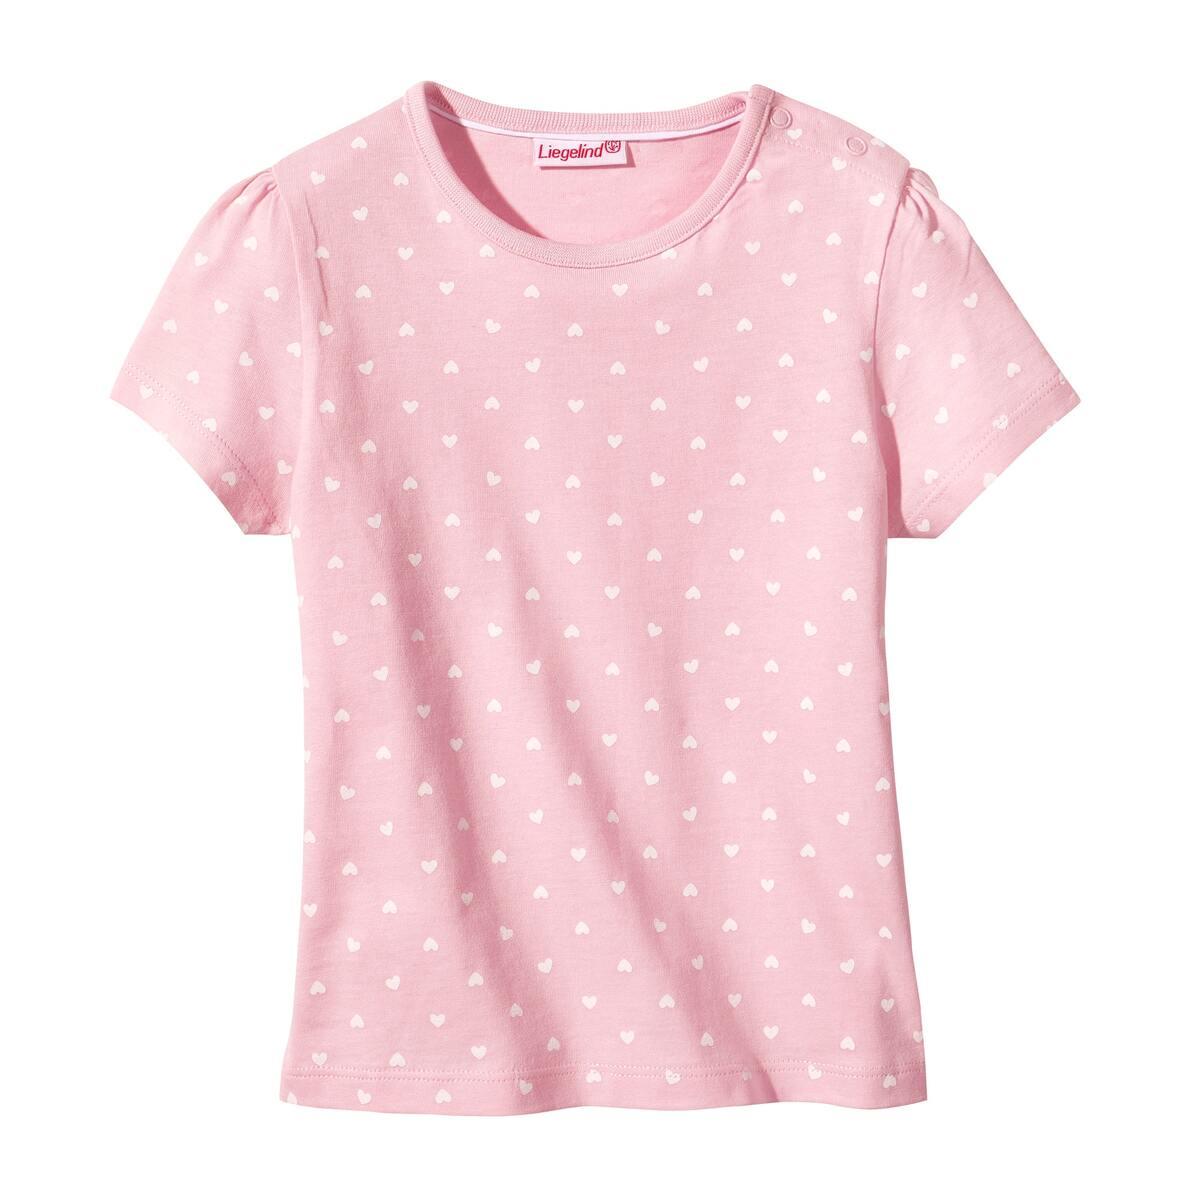 Bild 3 von Baby-Mädchen-T-Shirt mit Seepferdchen, 2er-Pack